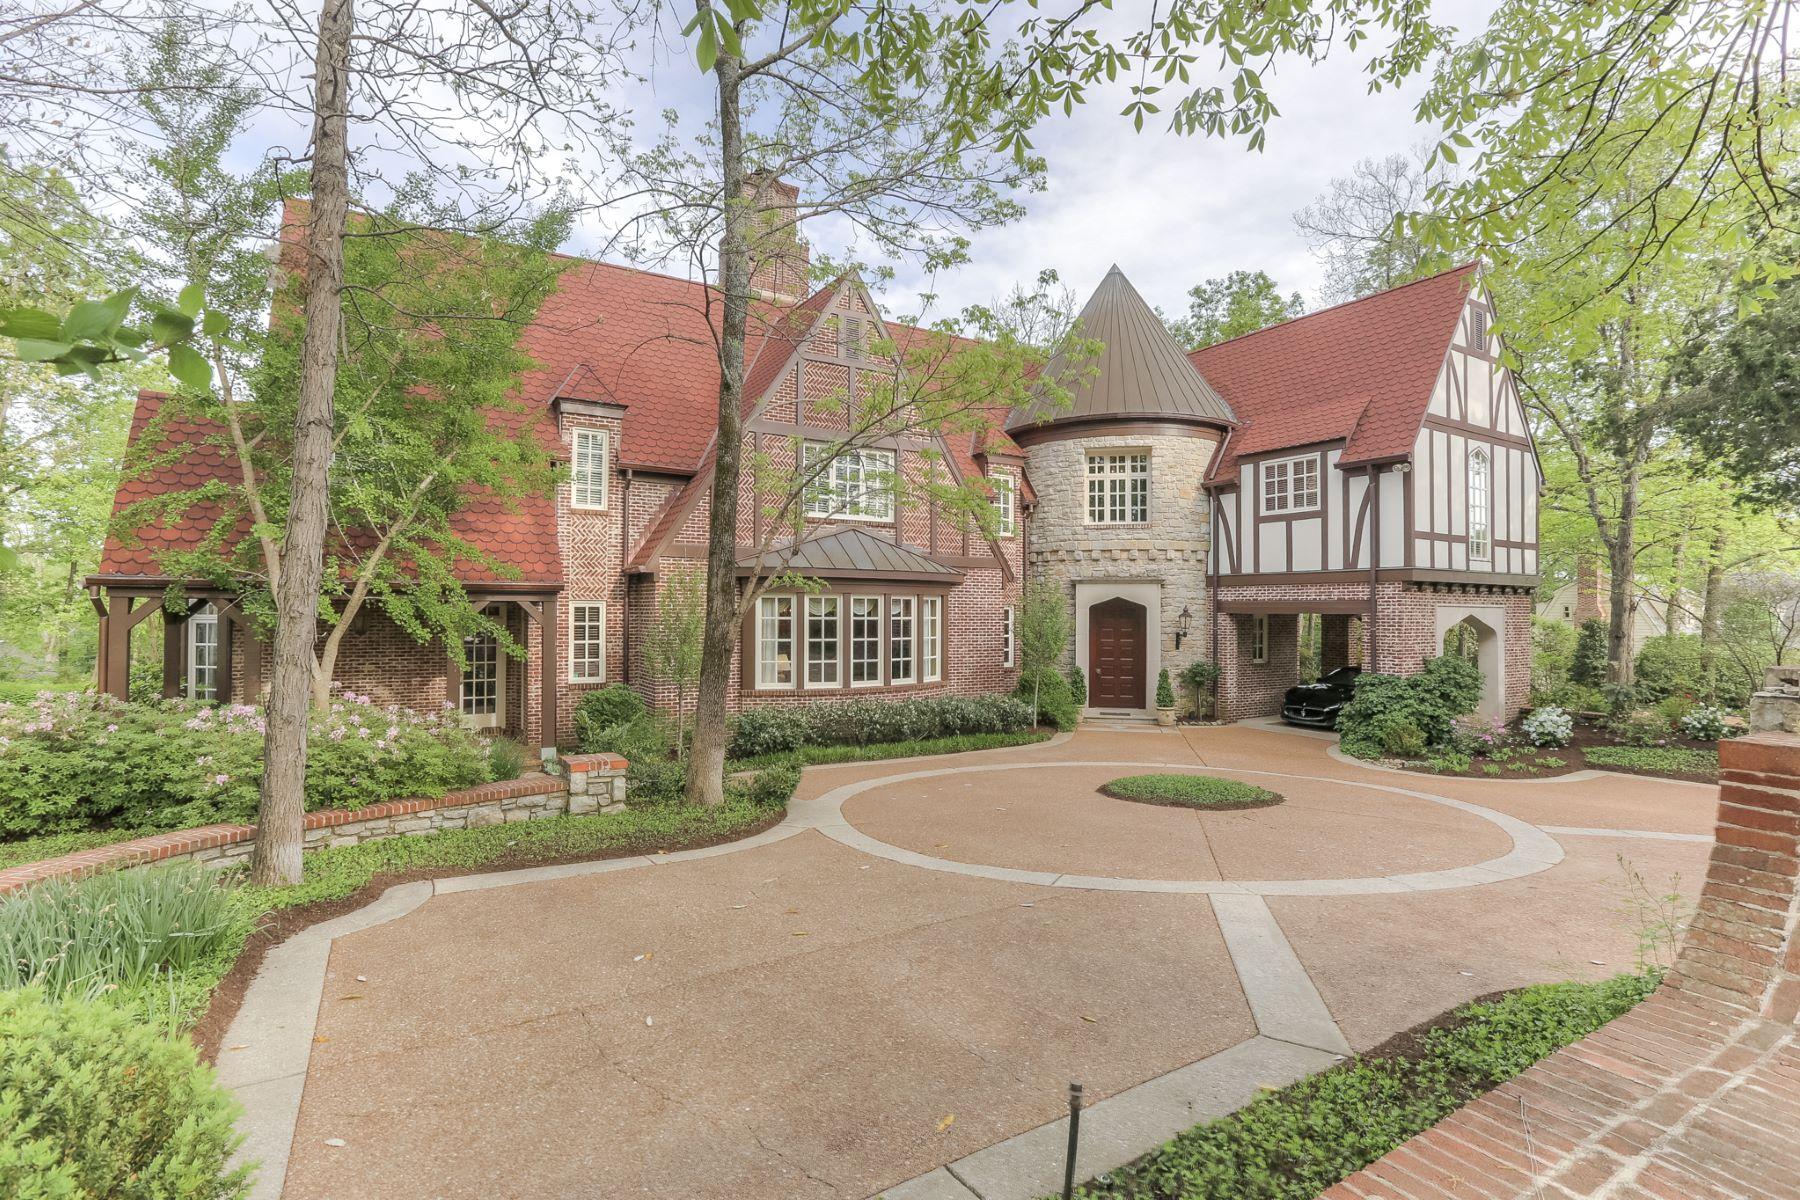 Частный односемейный дом для того Продажа на Beautiful English Tudor 624 Westview Avenue Nashville, Теннесси, 37205 Соединенные Штаты